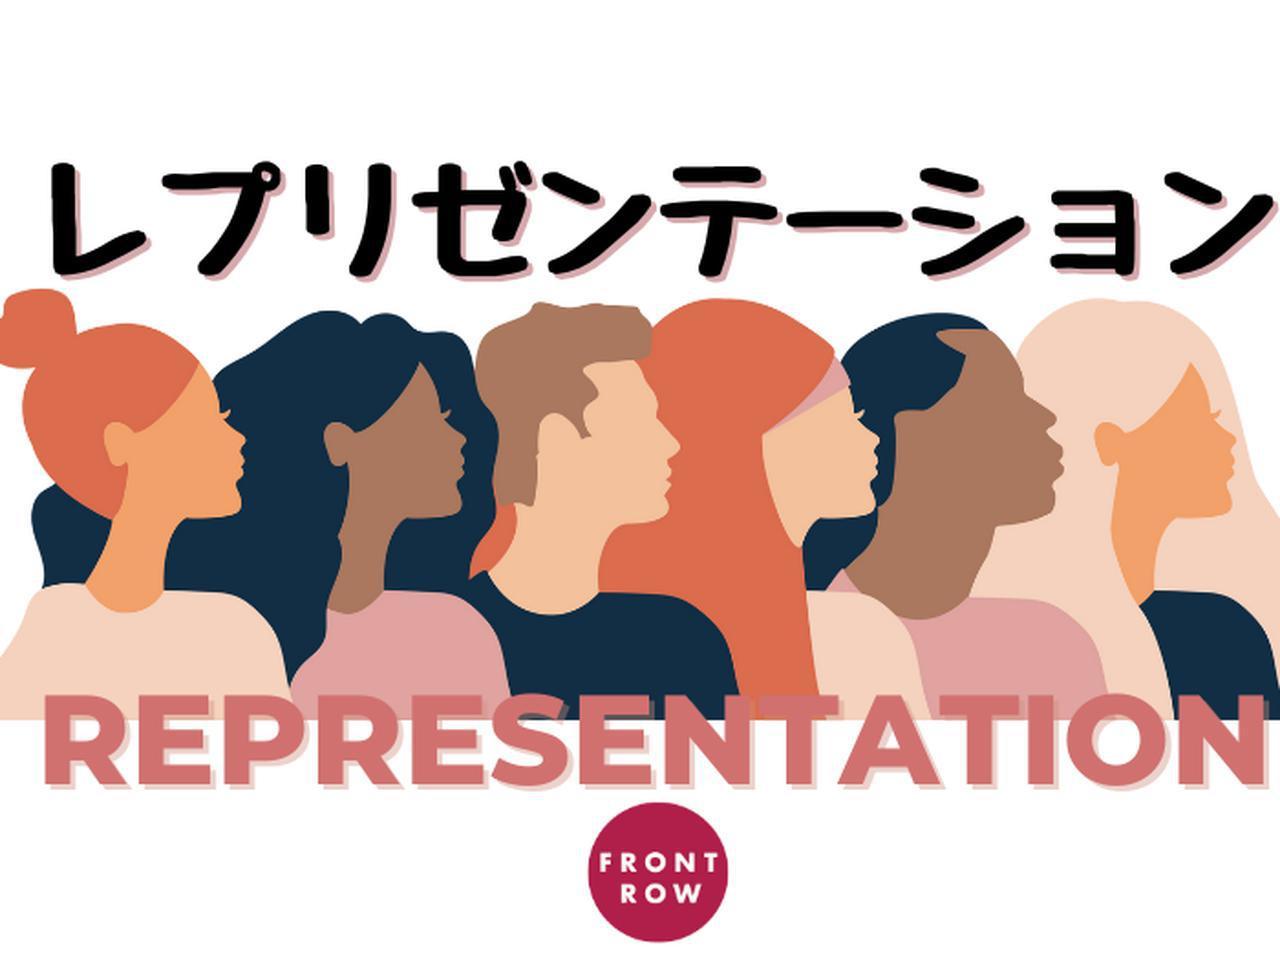 画像: レプリゼンテーション、不平等・差別・偏見を減らすためのキーワードを解説 - フロントロウ -海外セレブ&海外カルチャー情報を発信